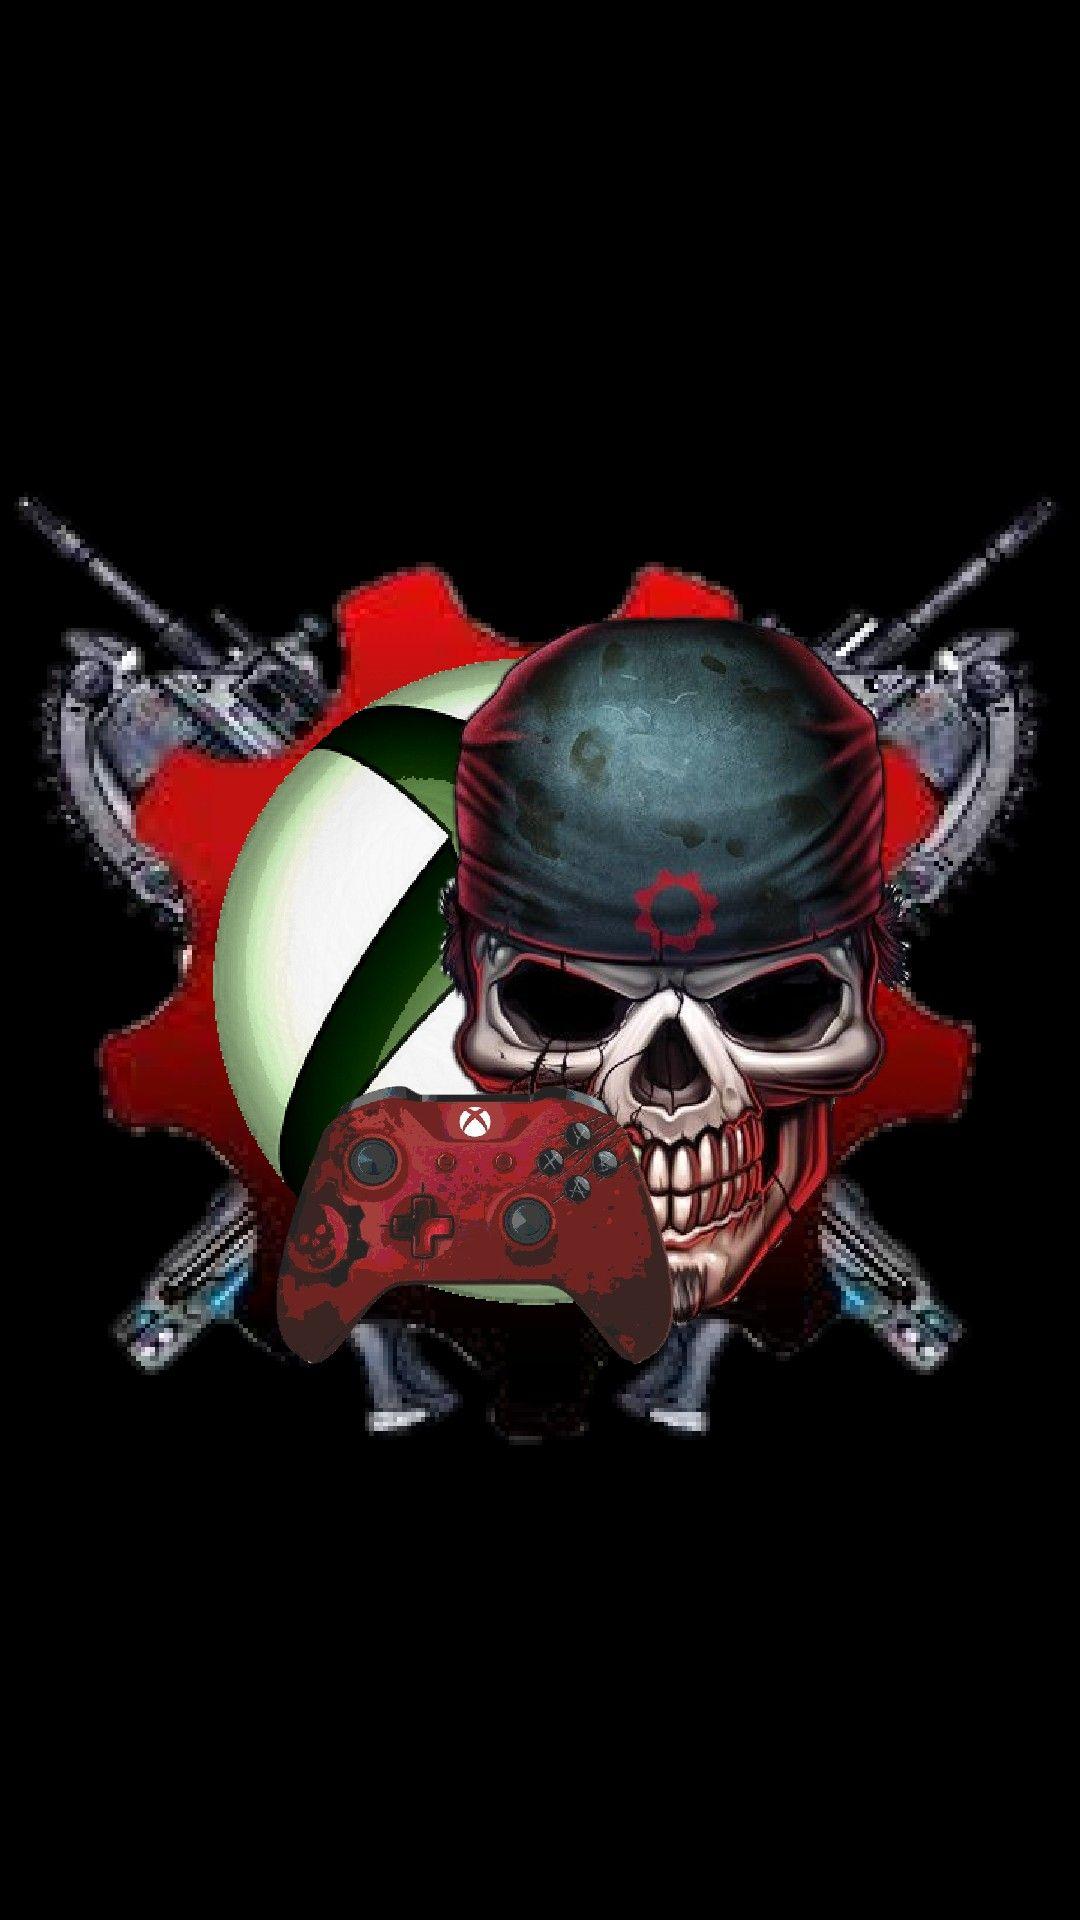 Pin By Venom Manzo On Gears Gears Of War Gears Of Wars Gamer Pics